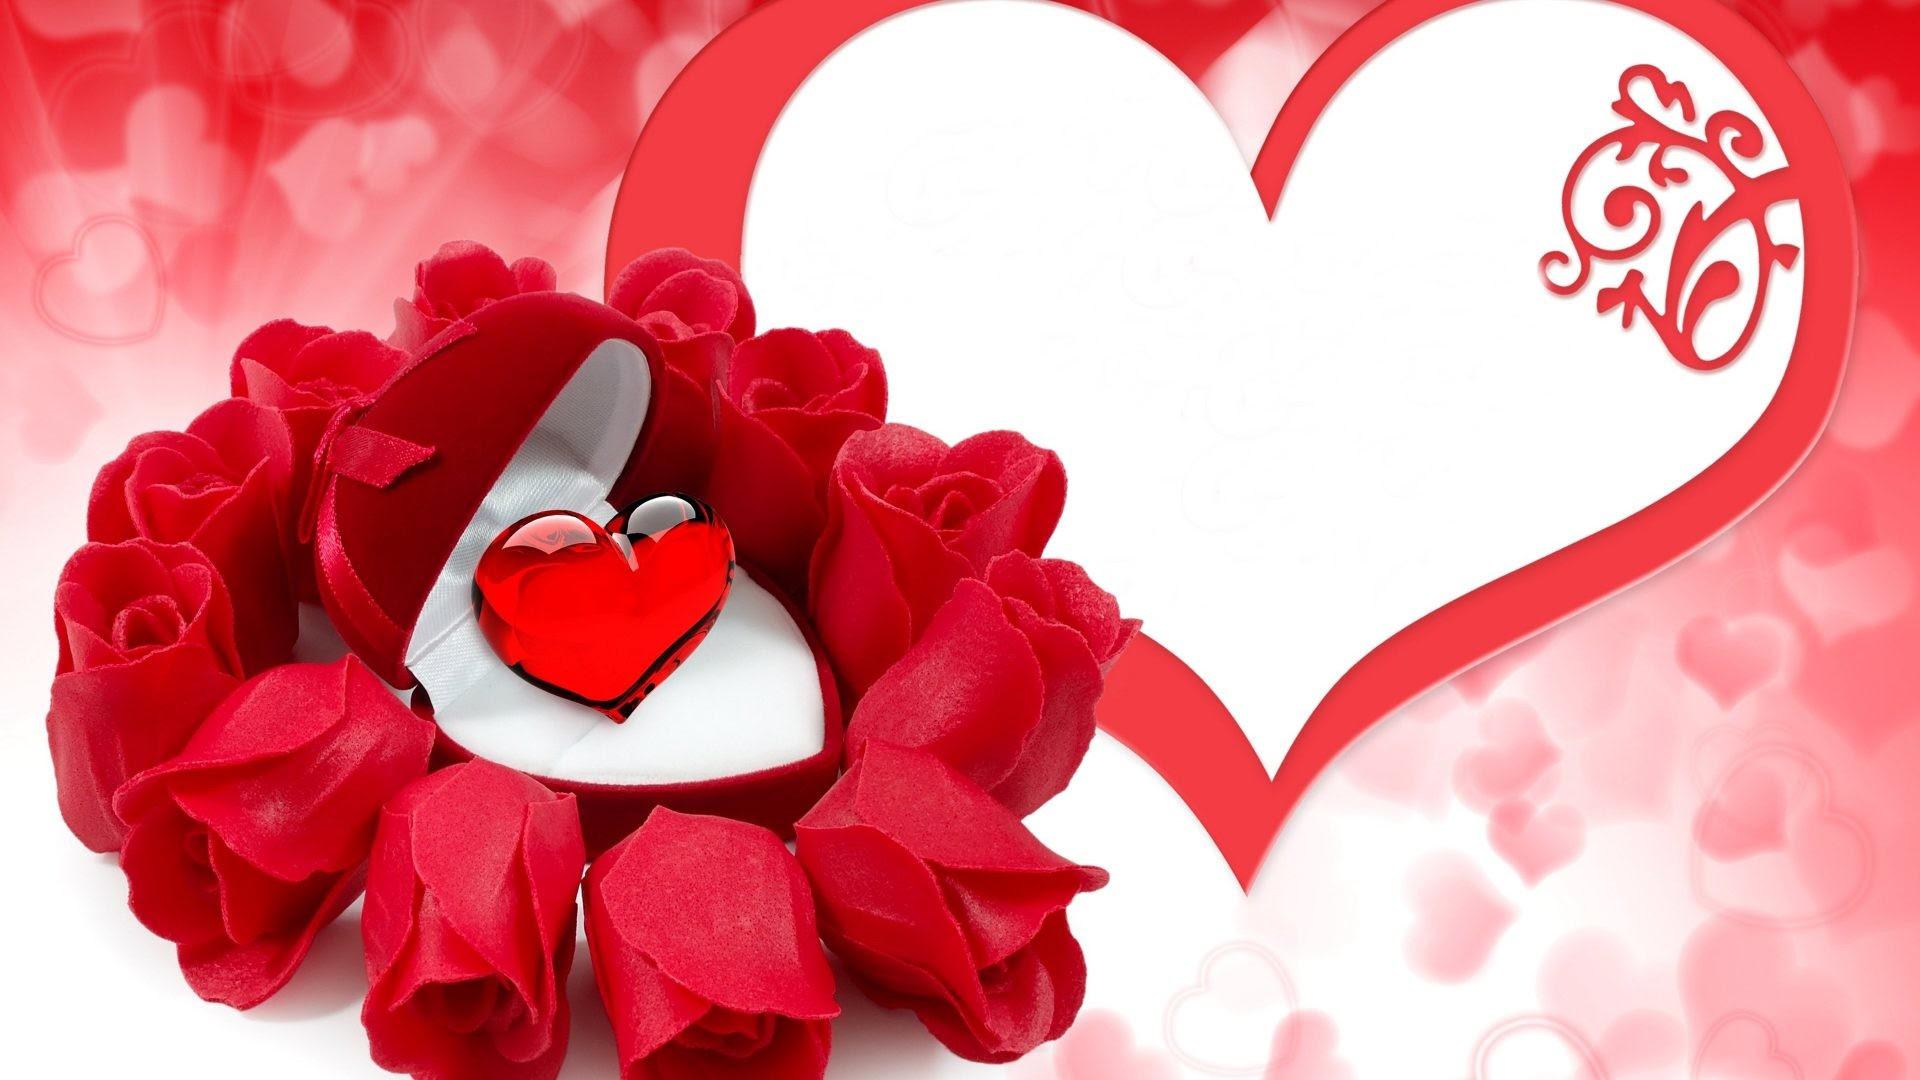 5500 Koleksi Romantic Love Wallpaper To Download Terbaru